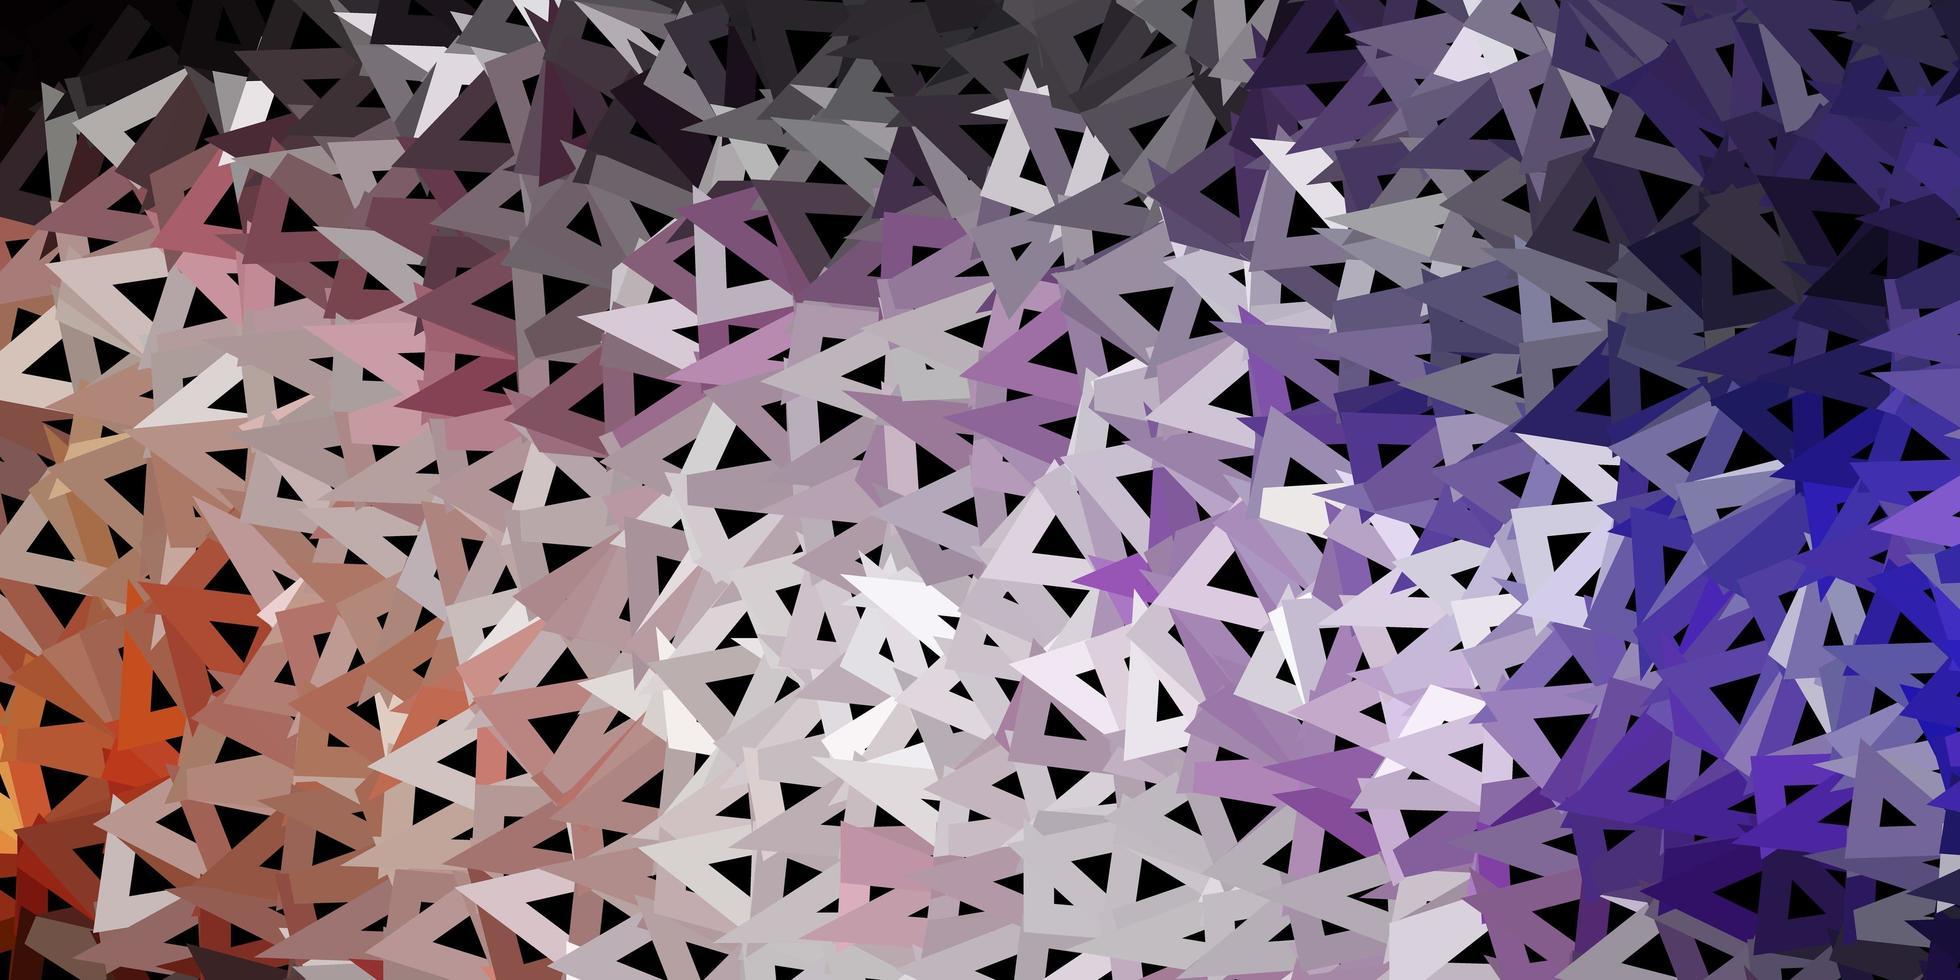 mörkrosa, gul vektor abstrakt triangel bakgrund.